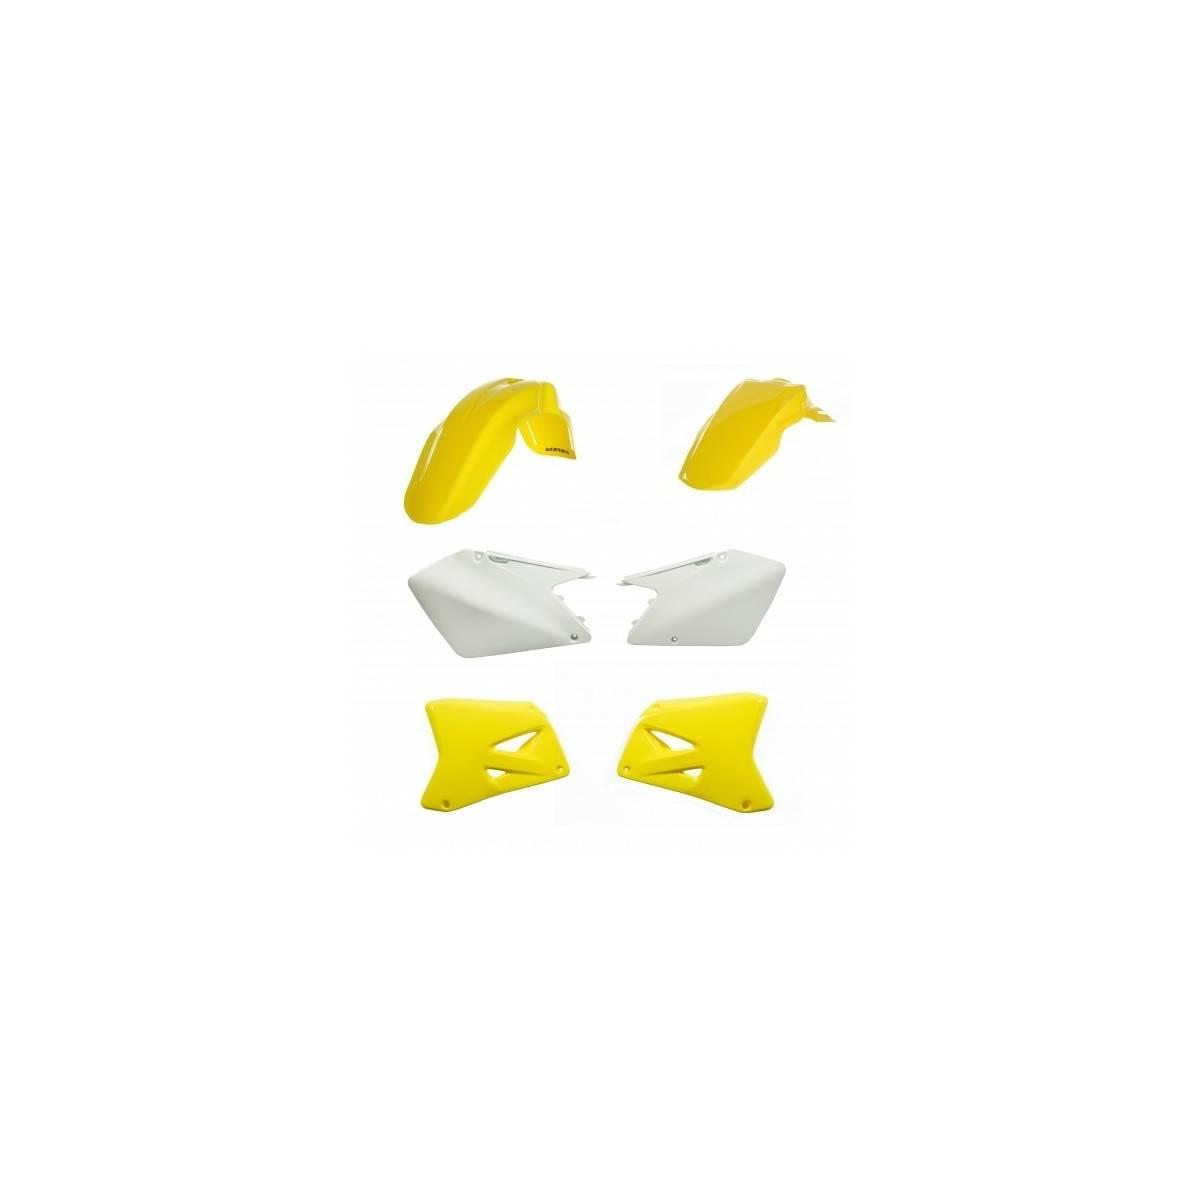 0023066-553 - Kit Plasticos Rmz 450 18 Origen